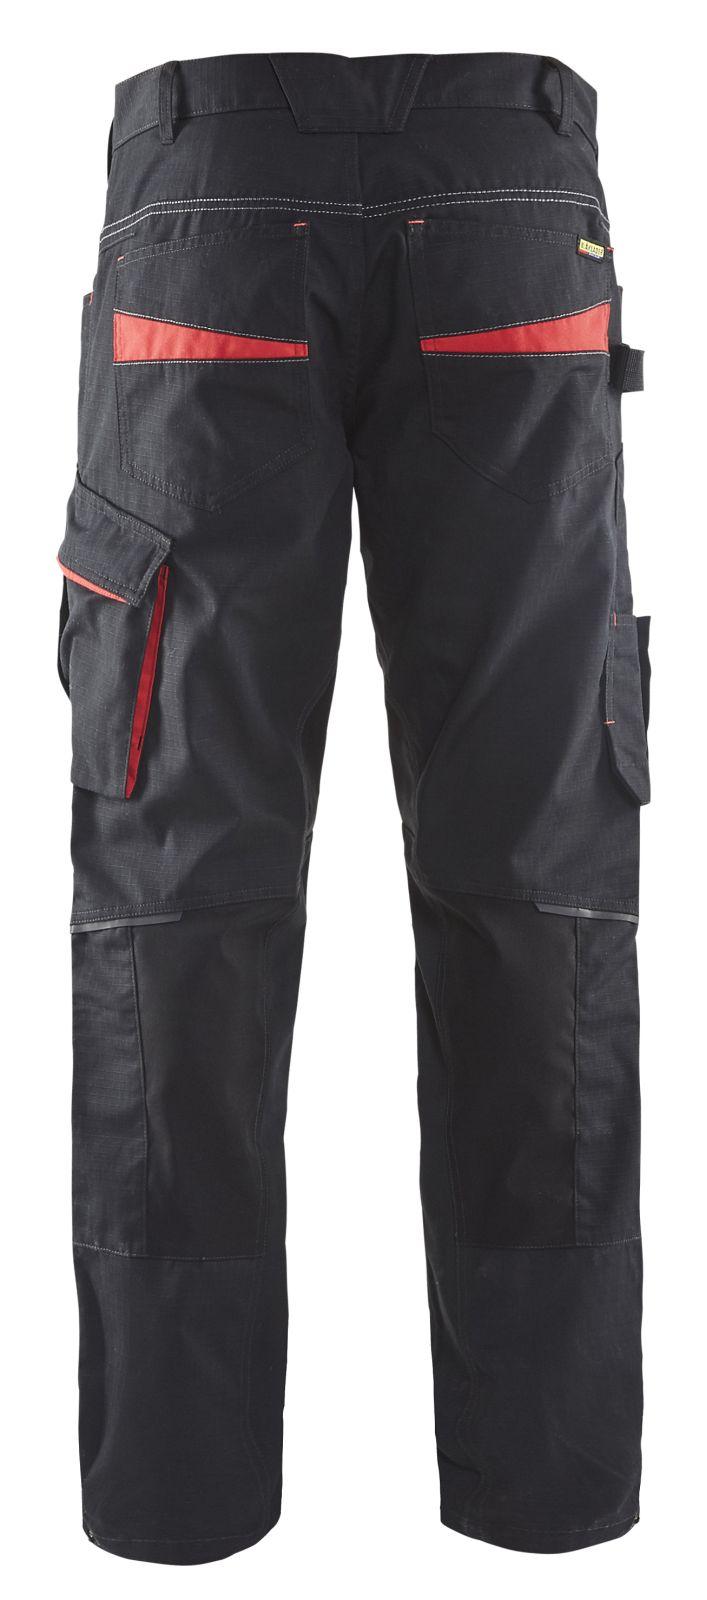 Blaklader Werkbroeken 14951330 zwart-rood(9956)